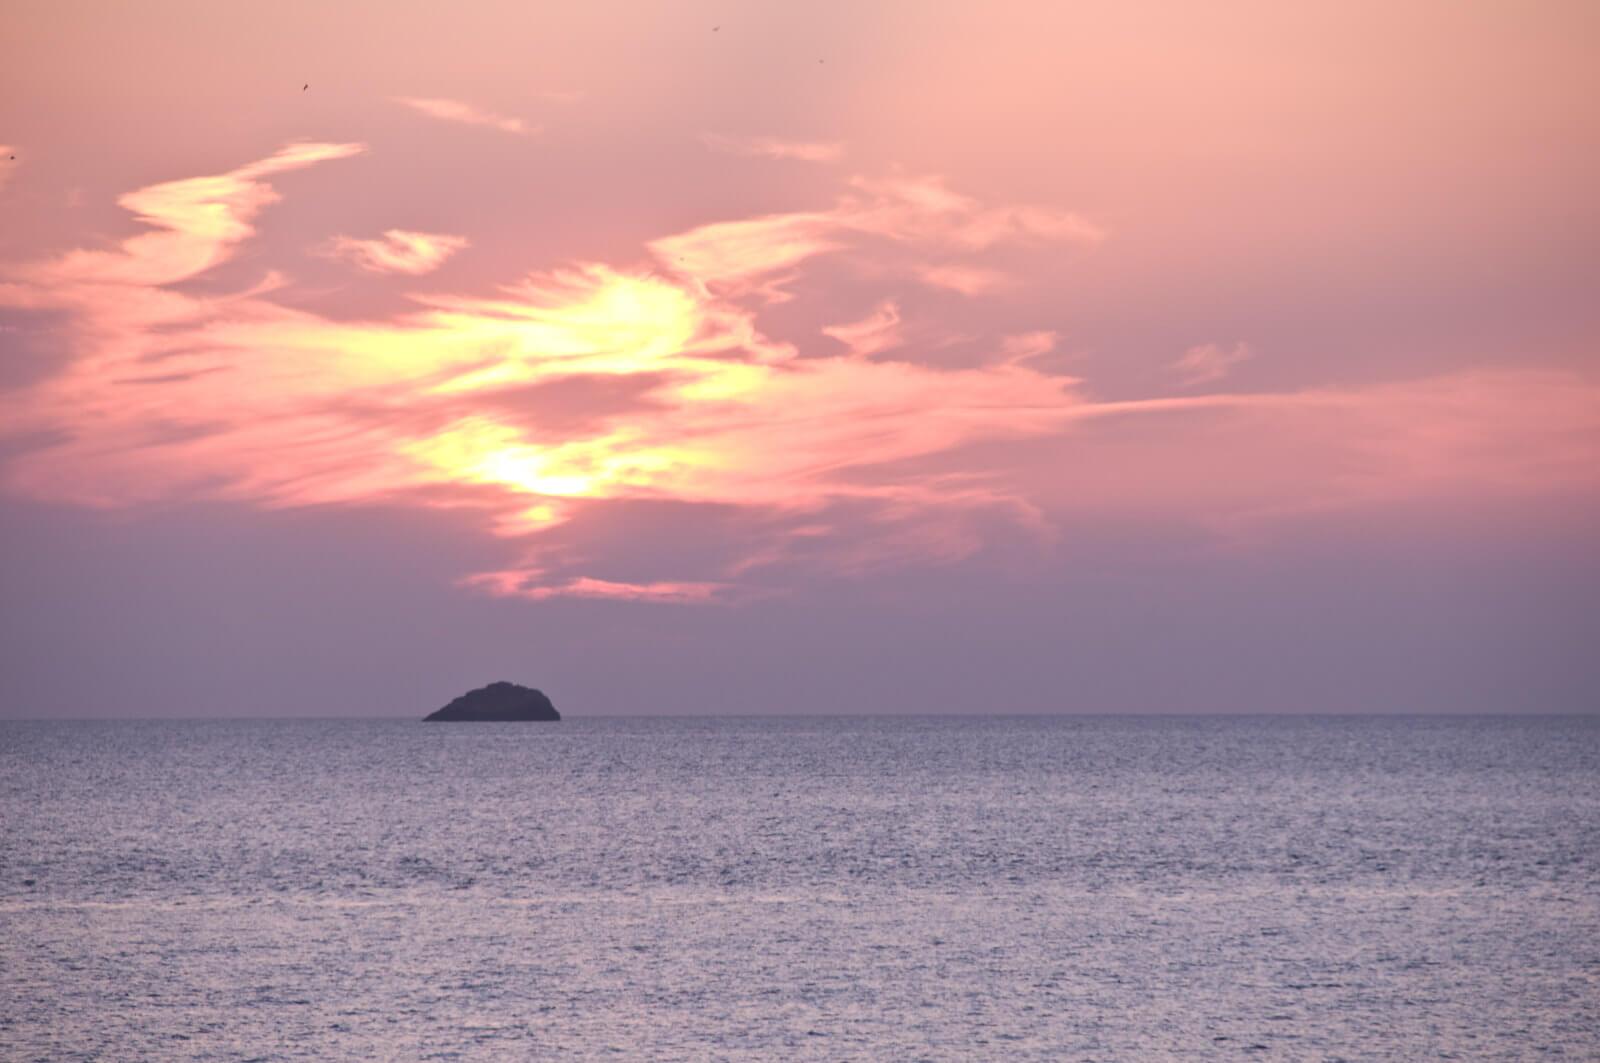 https://www.white-ibiza.com/wp-content/uploads/2020/03/ibiza-sunsets-sunset-ashram-2020-02.jpg